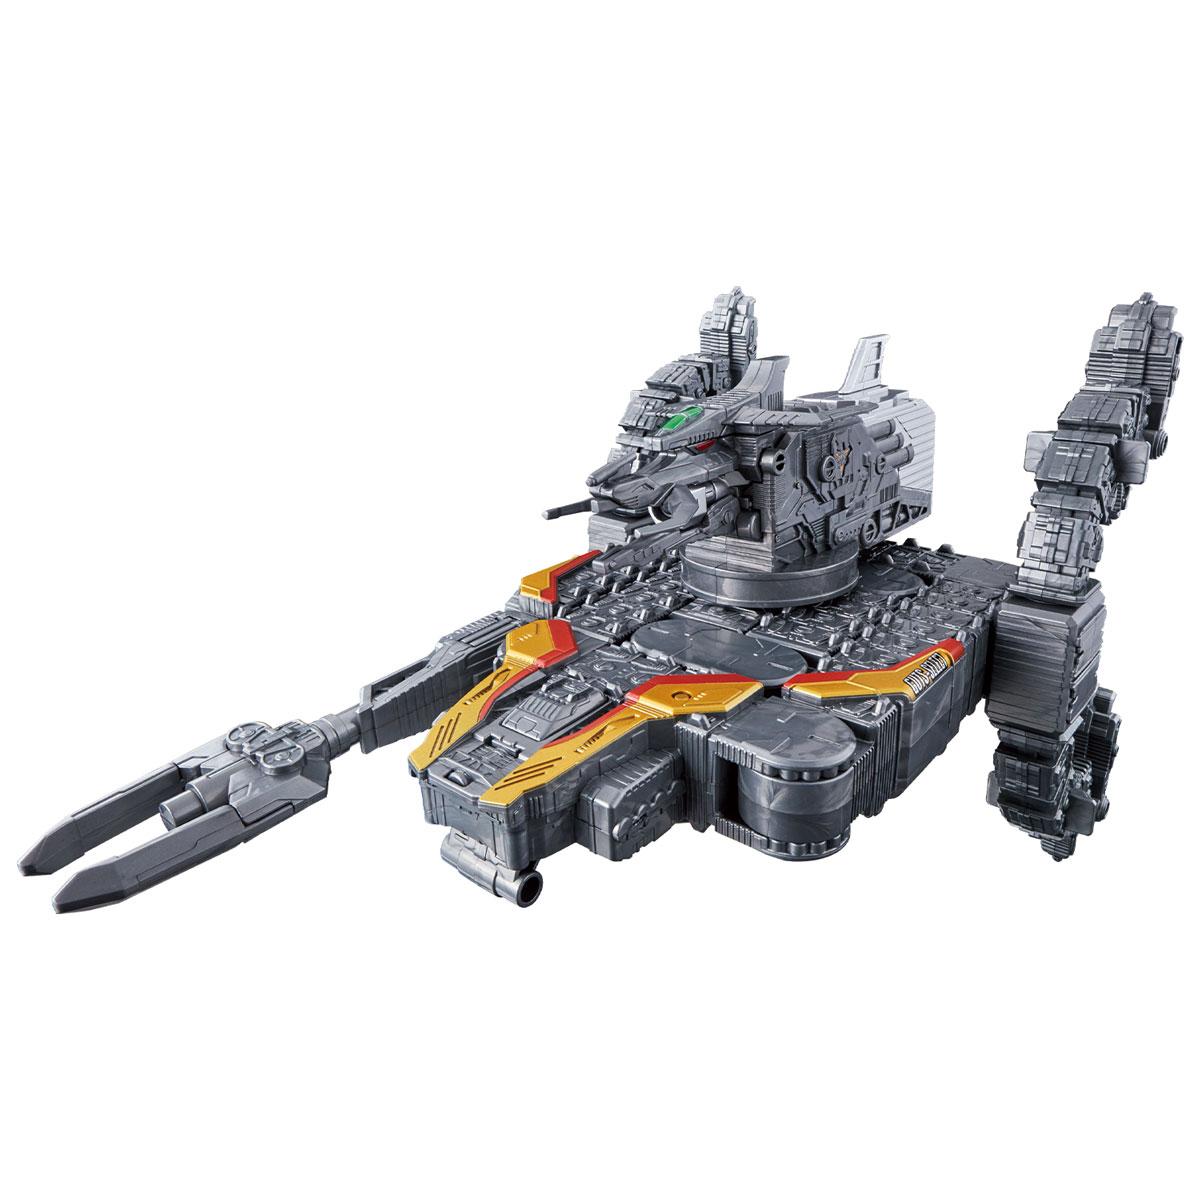 ウルトラマントリガー『渦巻変形 DXナースデッセイ号』可変可動フィギュア-002